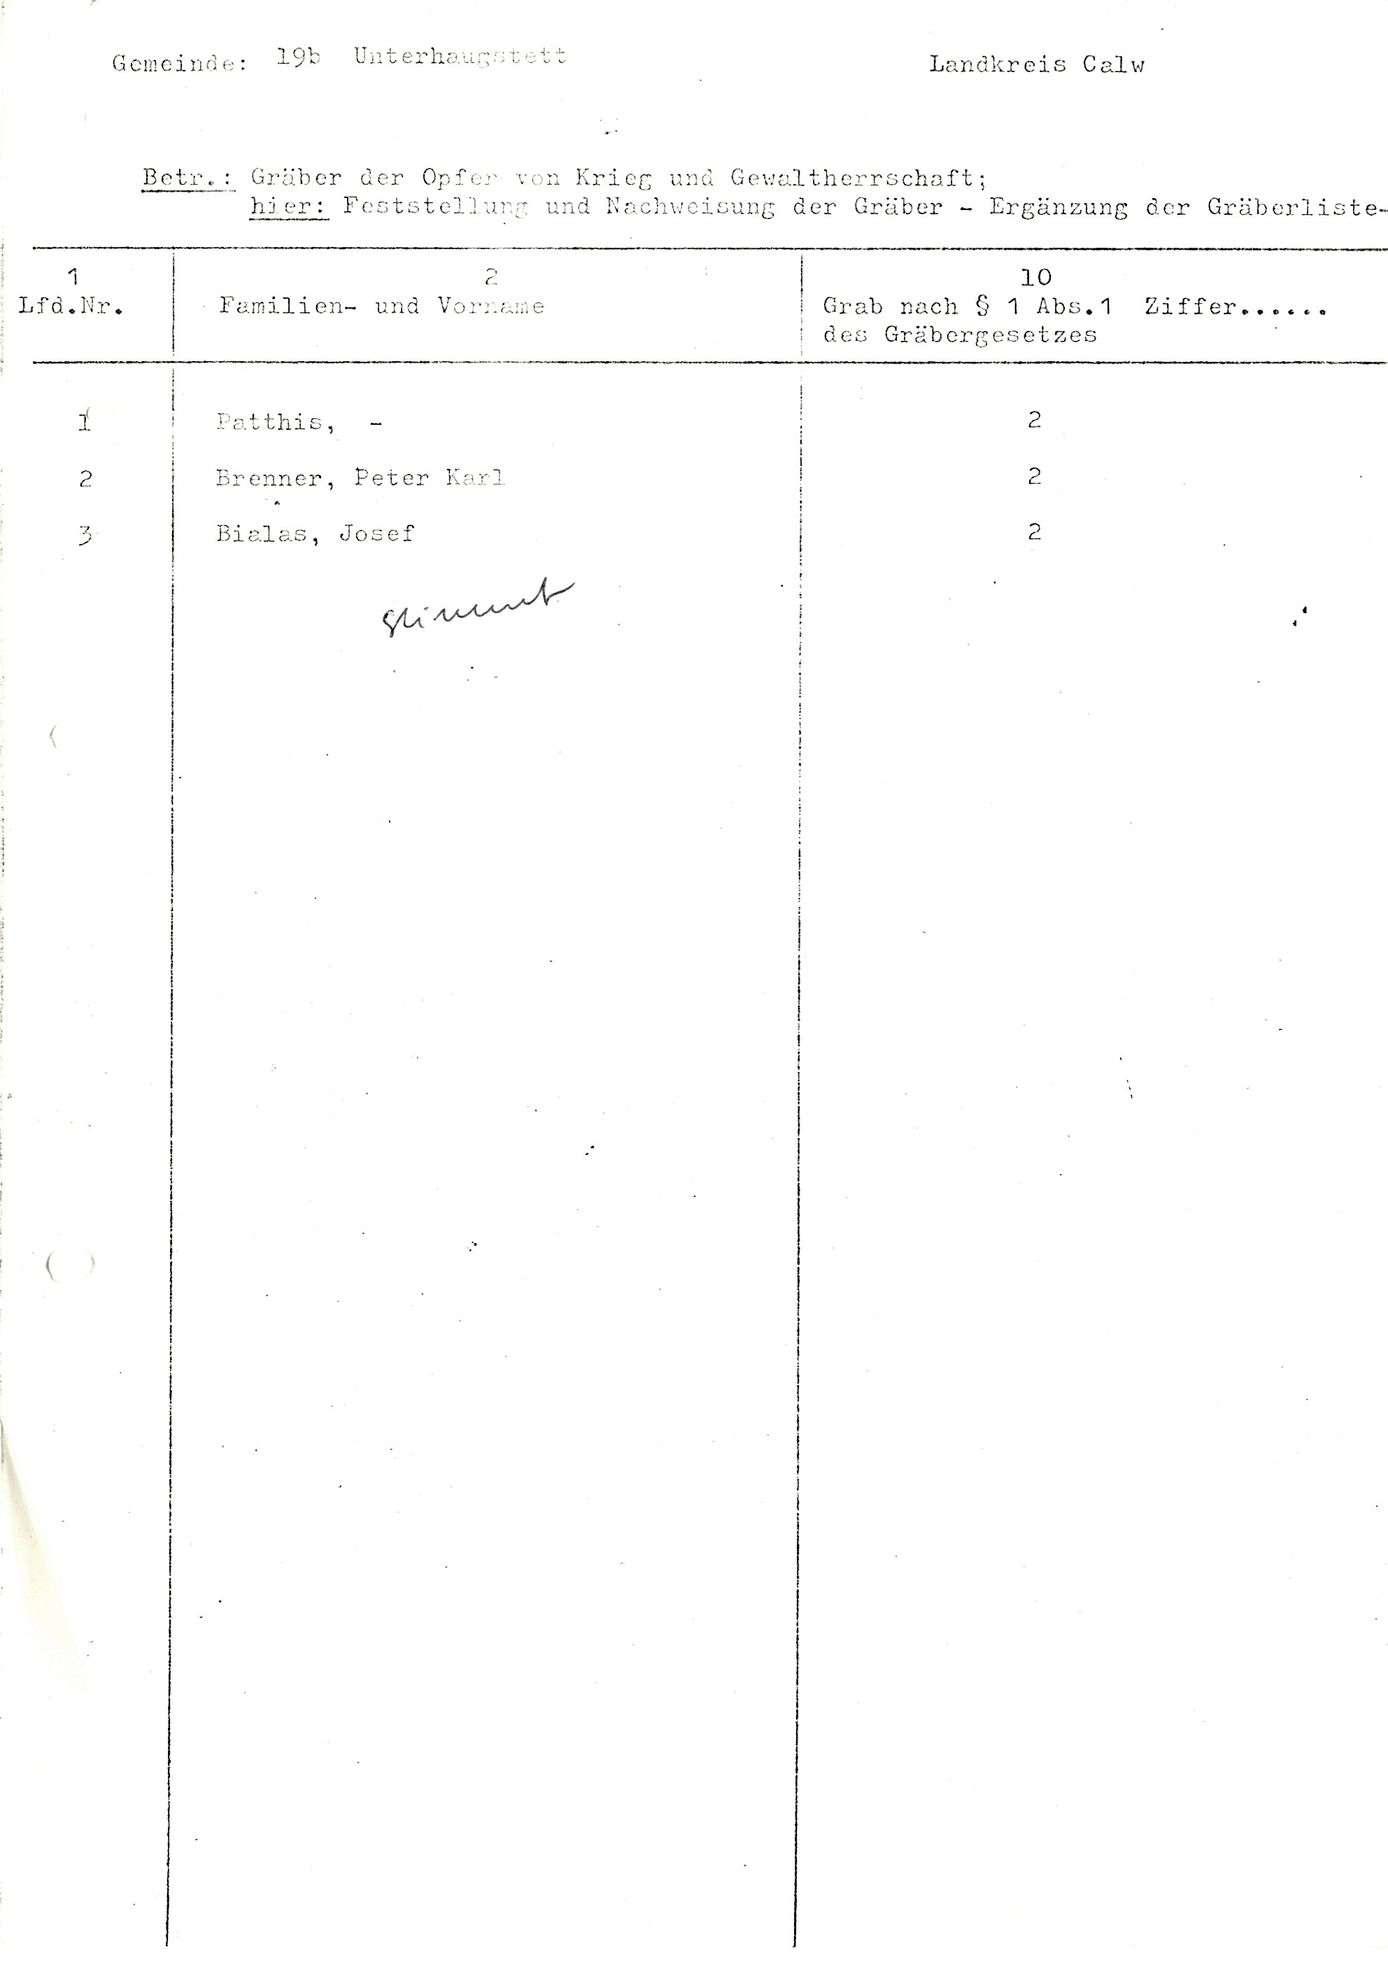 Unterhaugstett, Bild 2